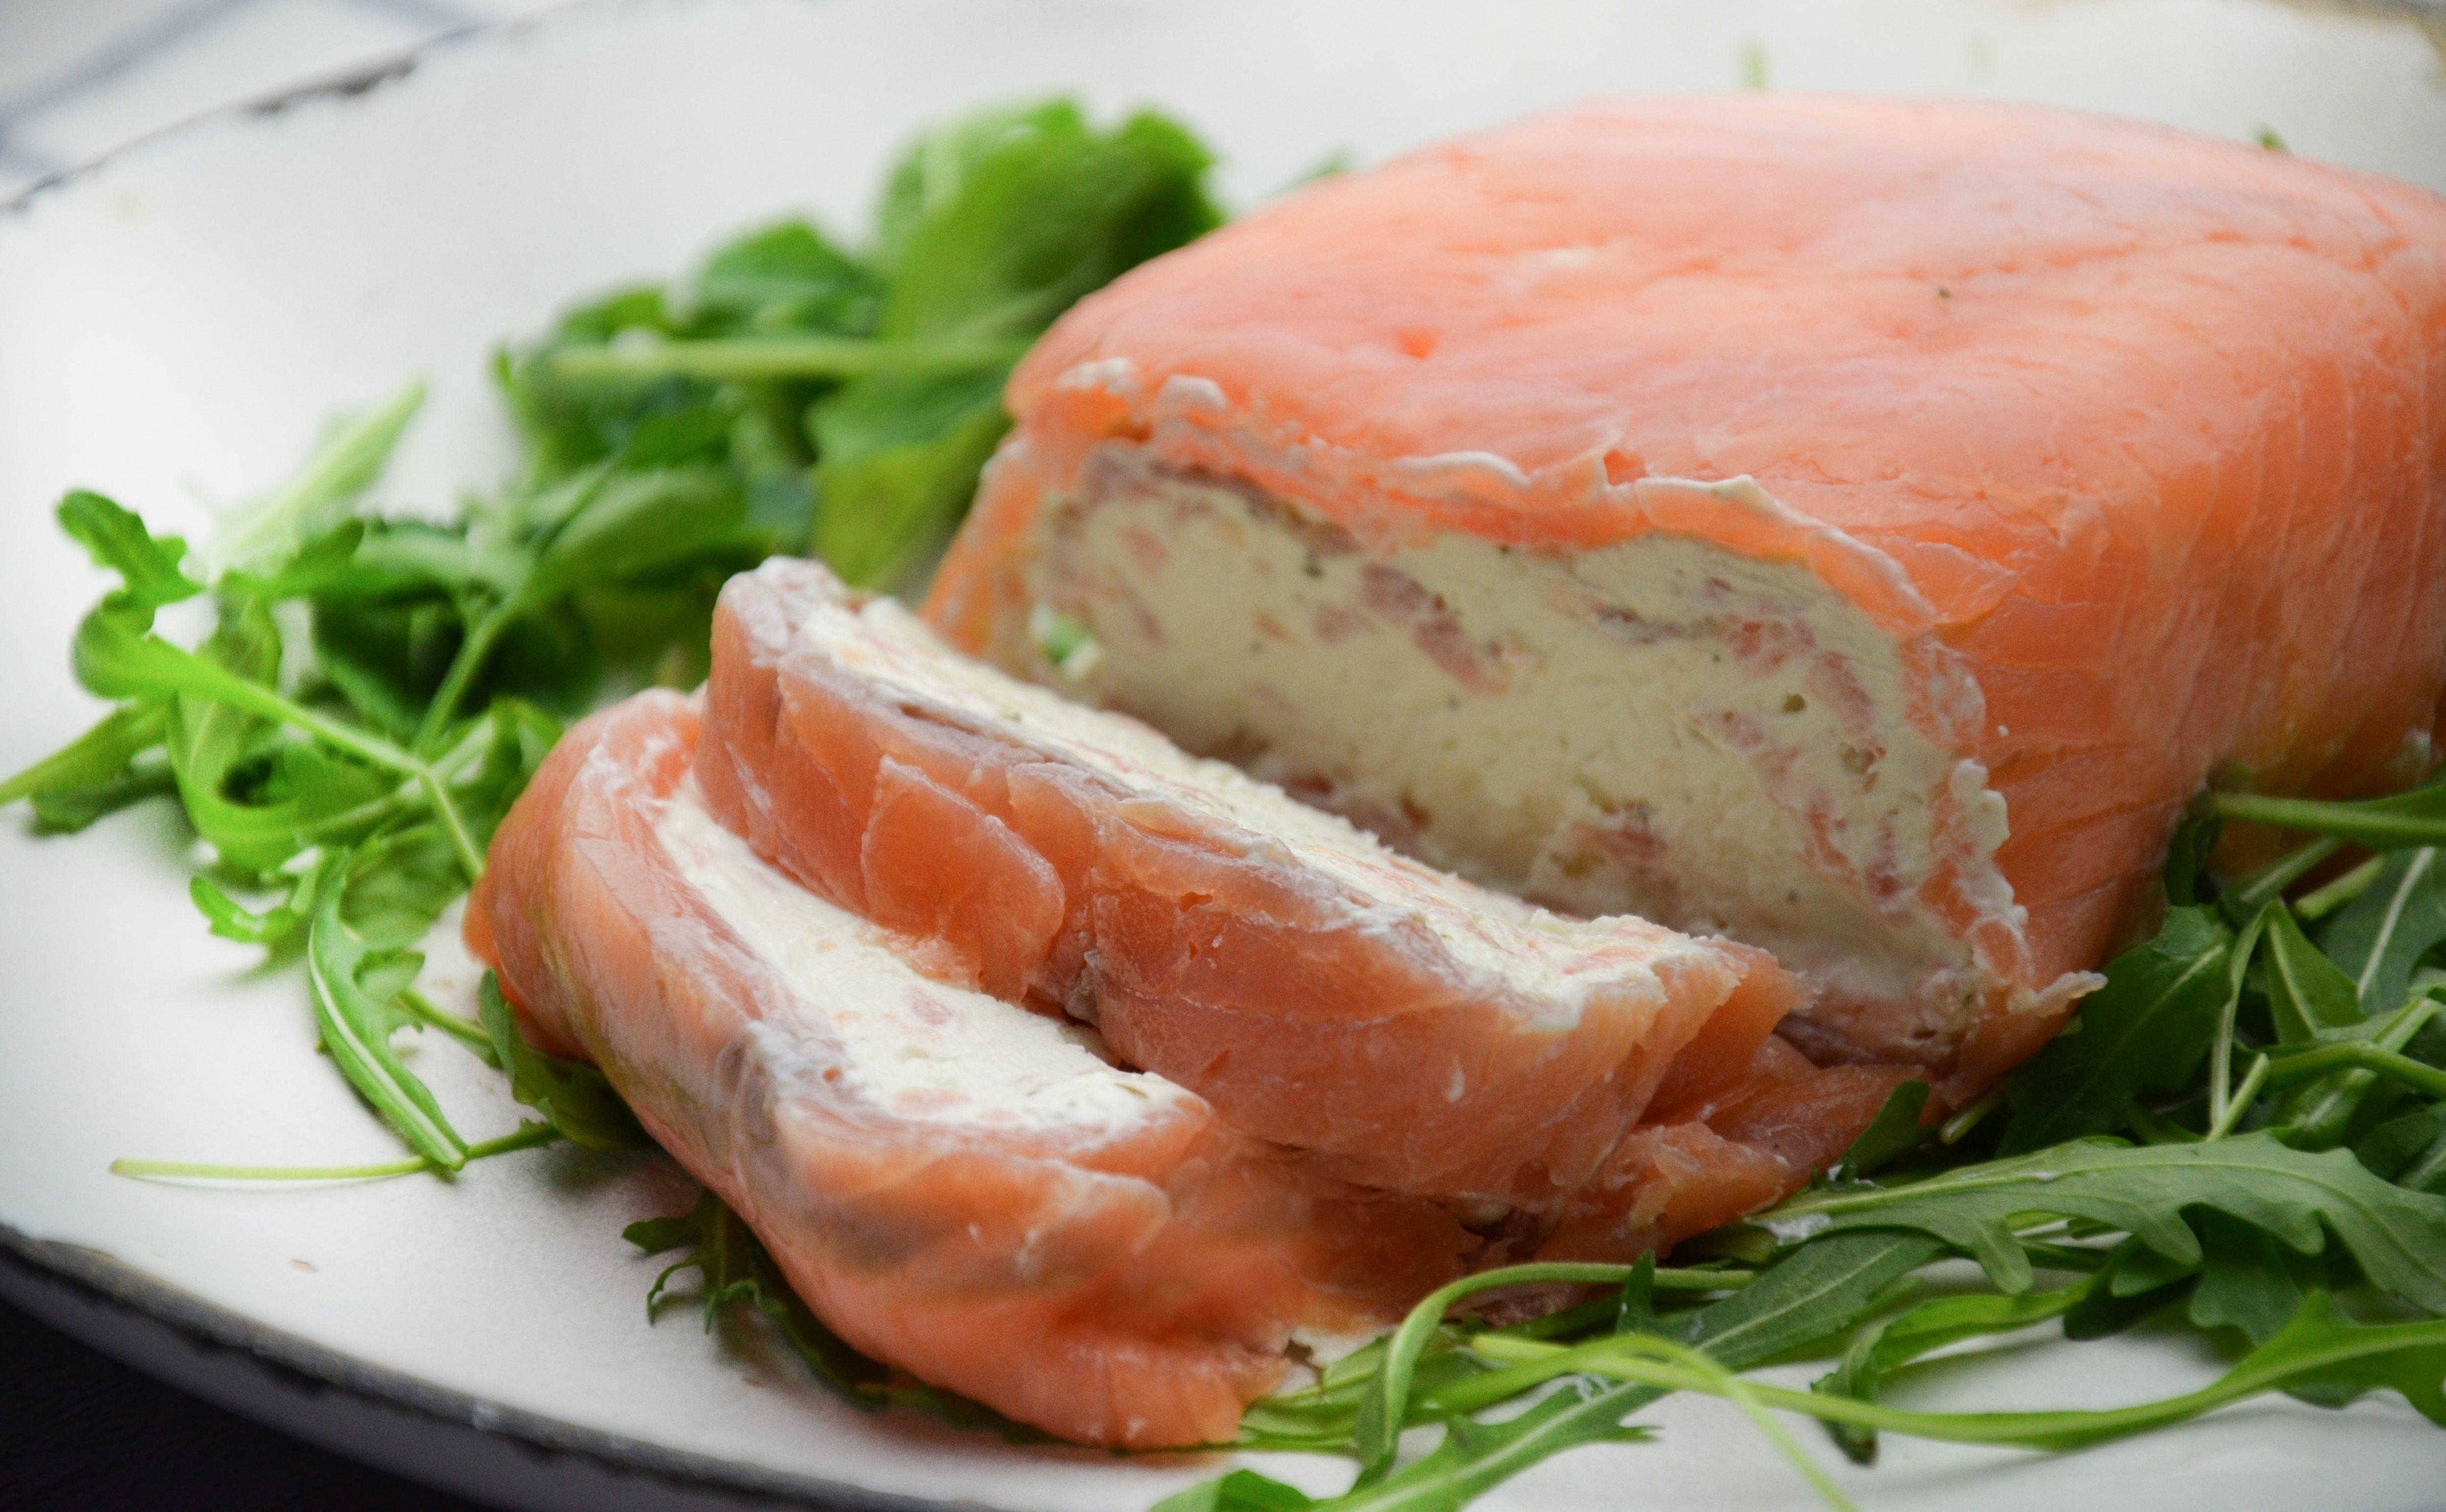 Mattonella di salmone: la ricetta dell'antipasto gustoso e originale